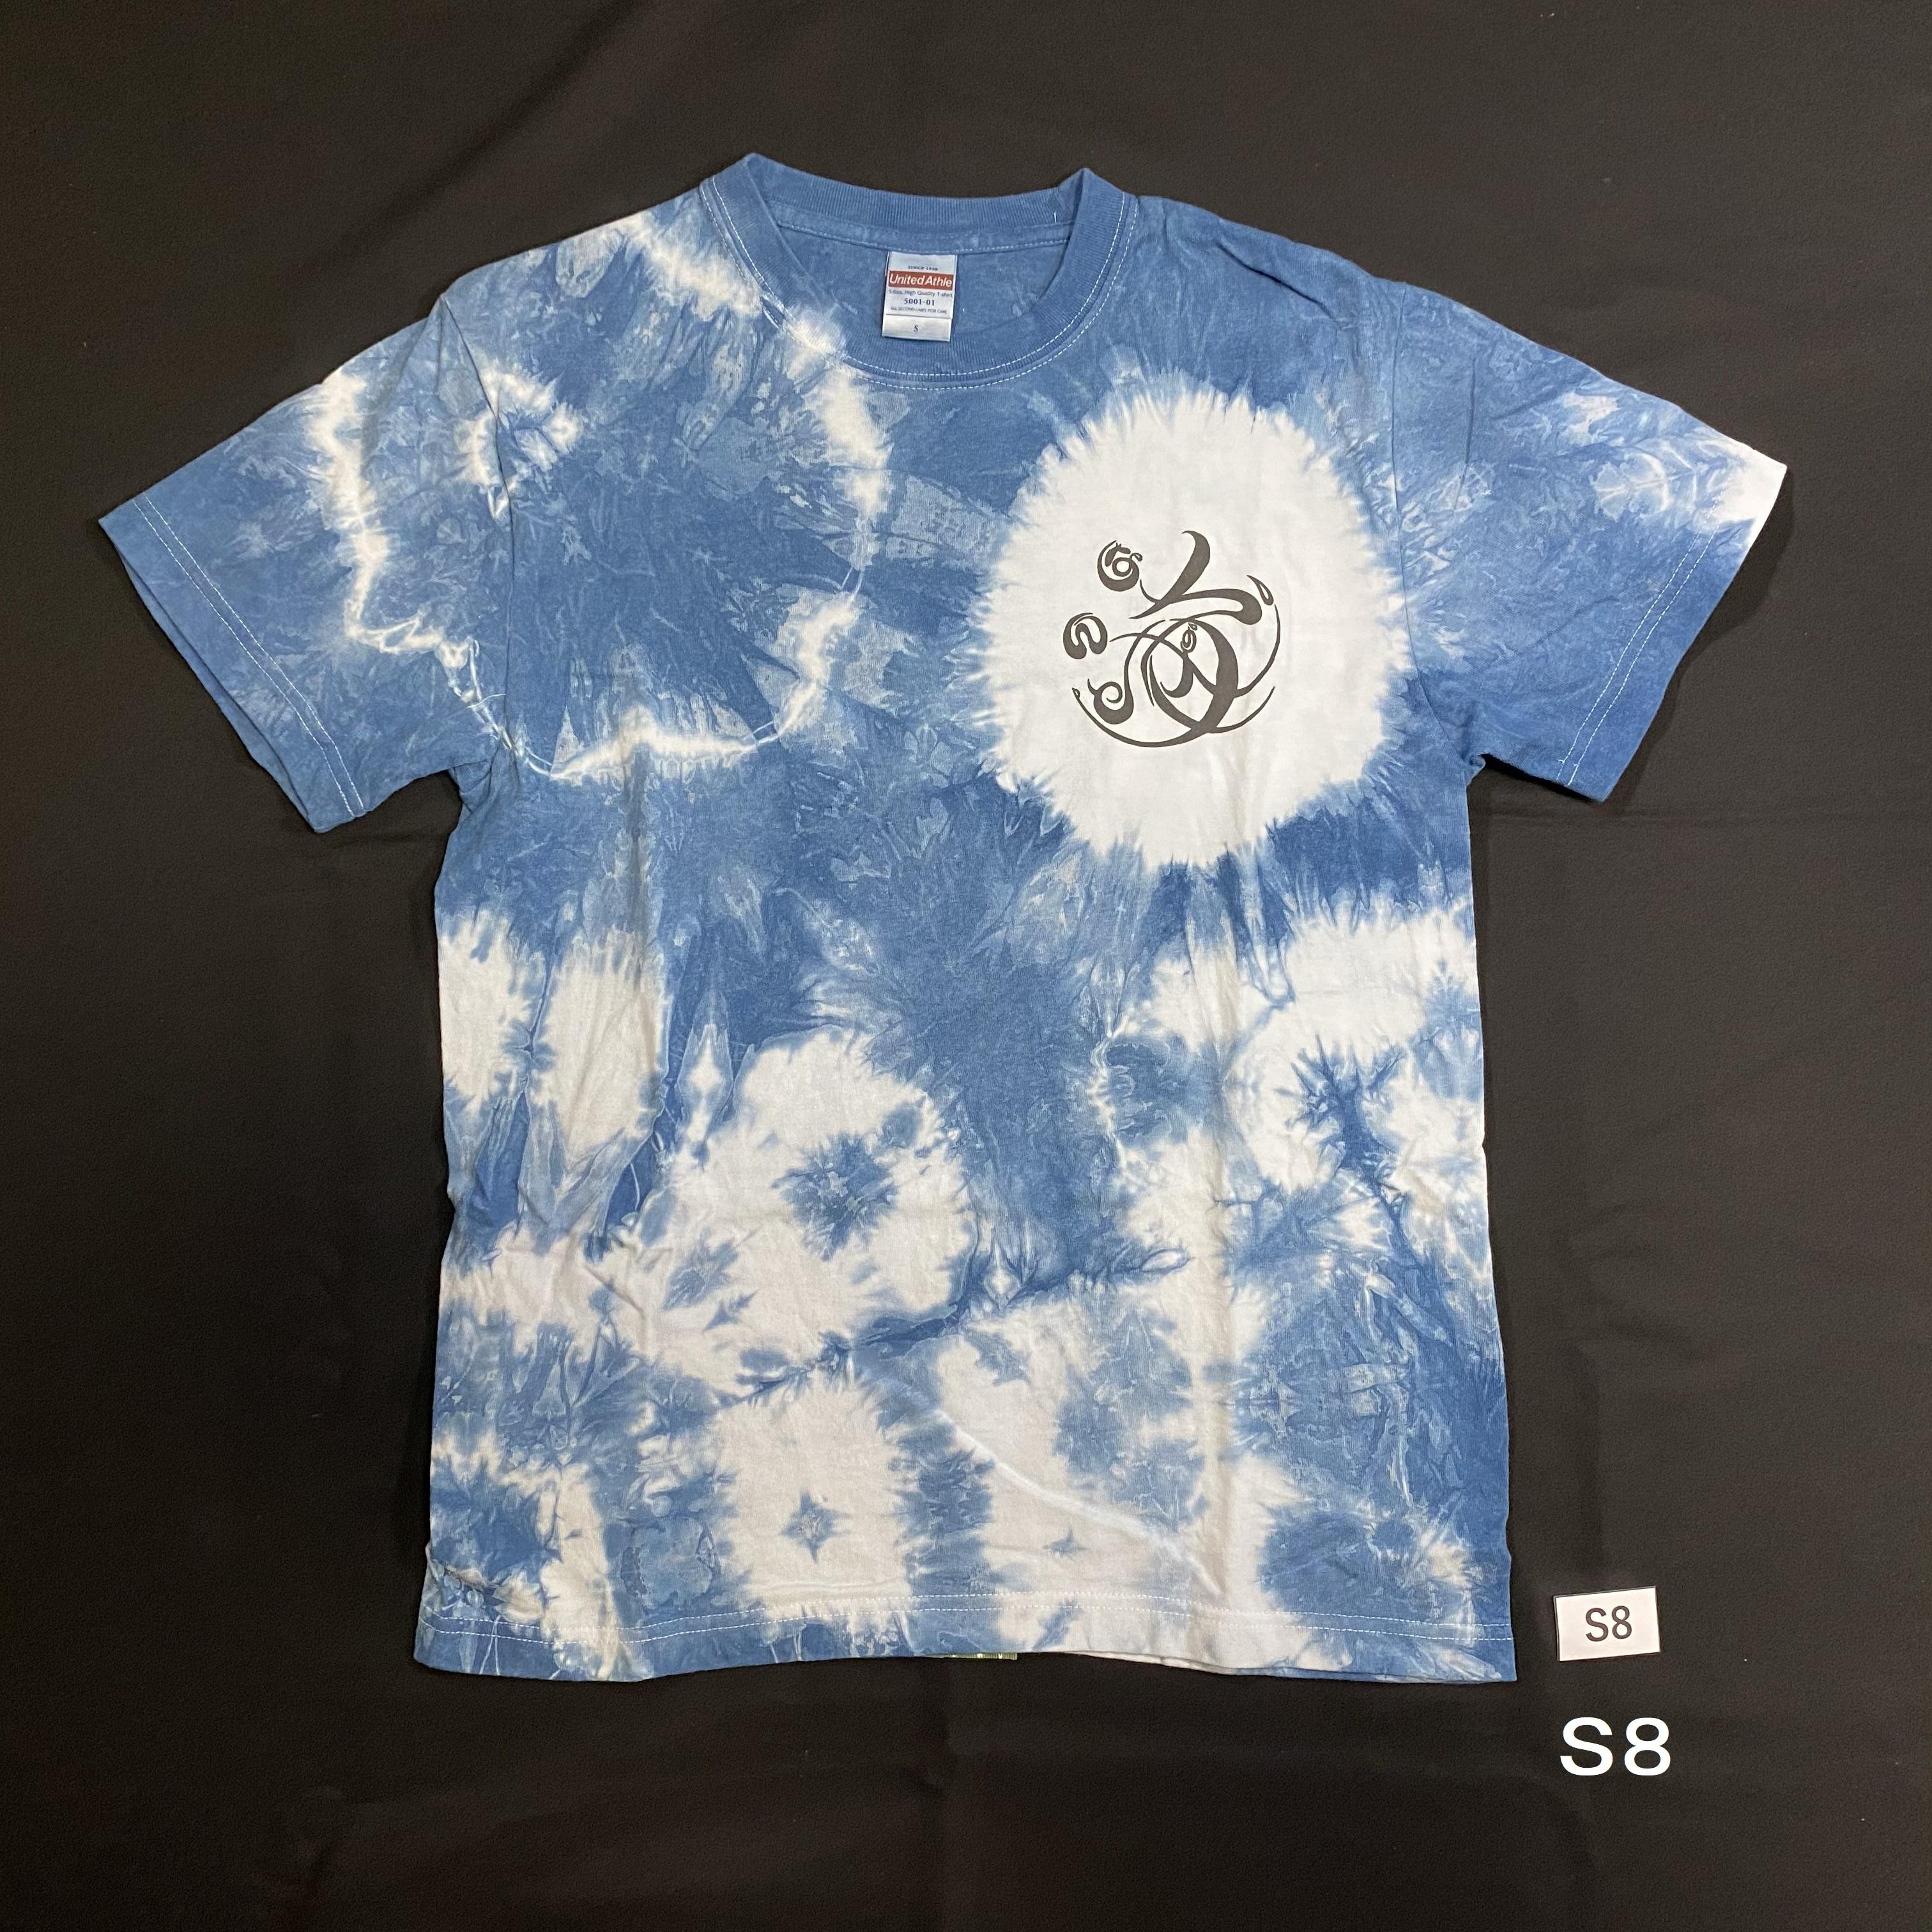 こころMoji×藍染Tシャツ(S8)